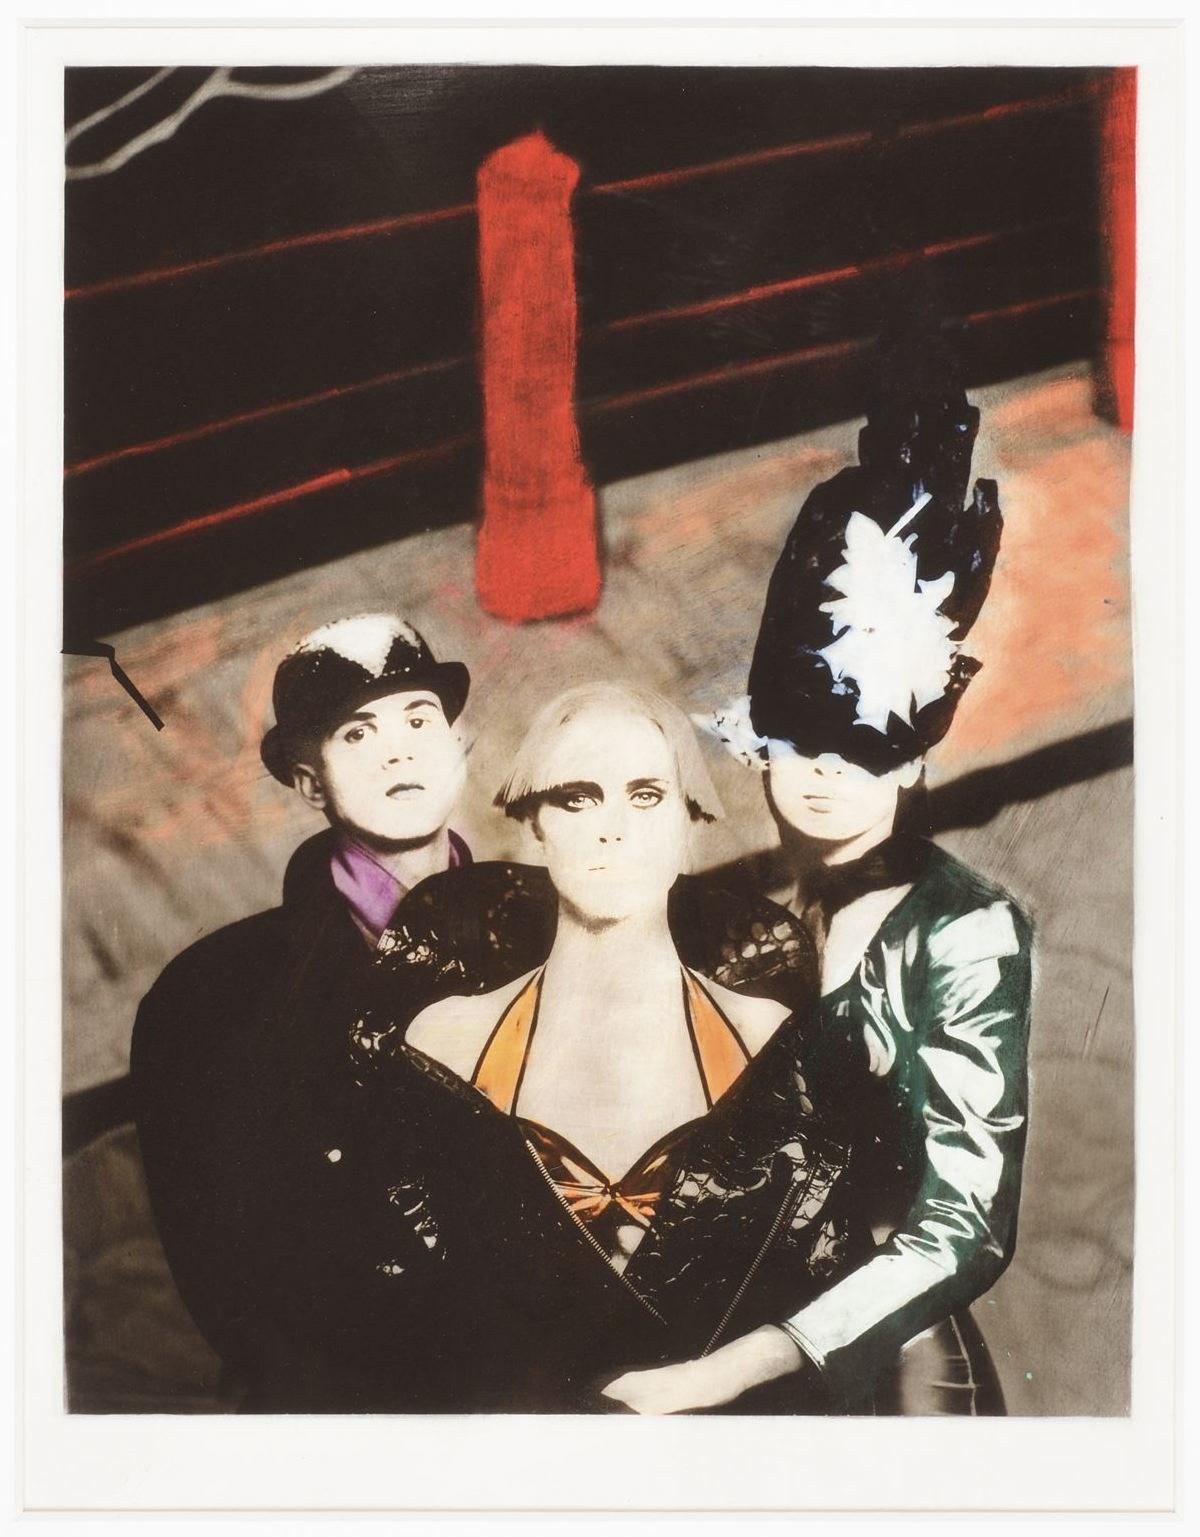 Die Drei und der rote Pfosten_1997.jpg